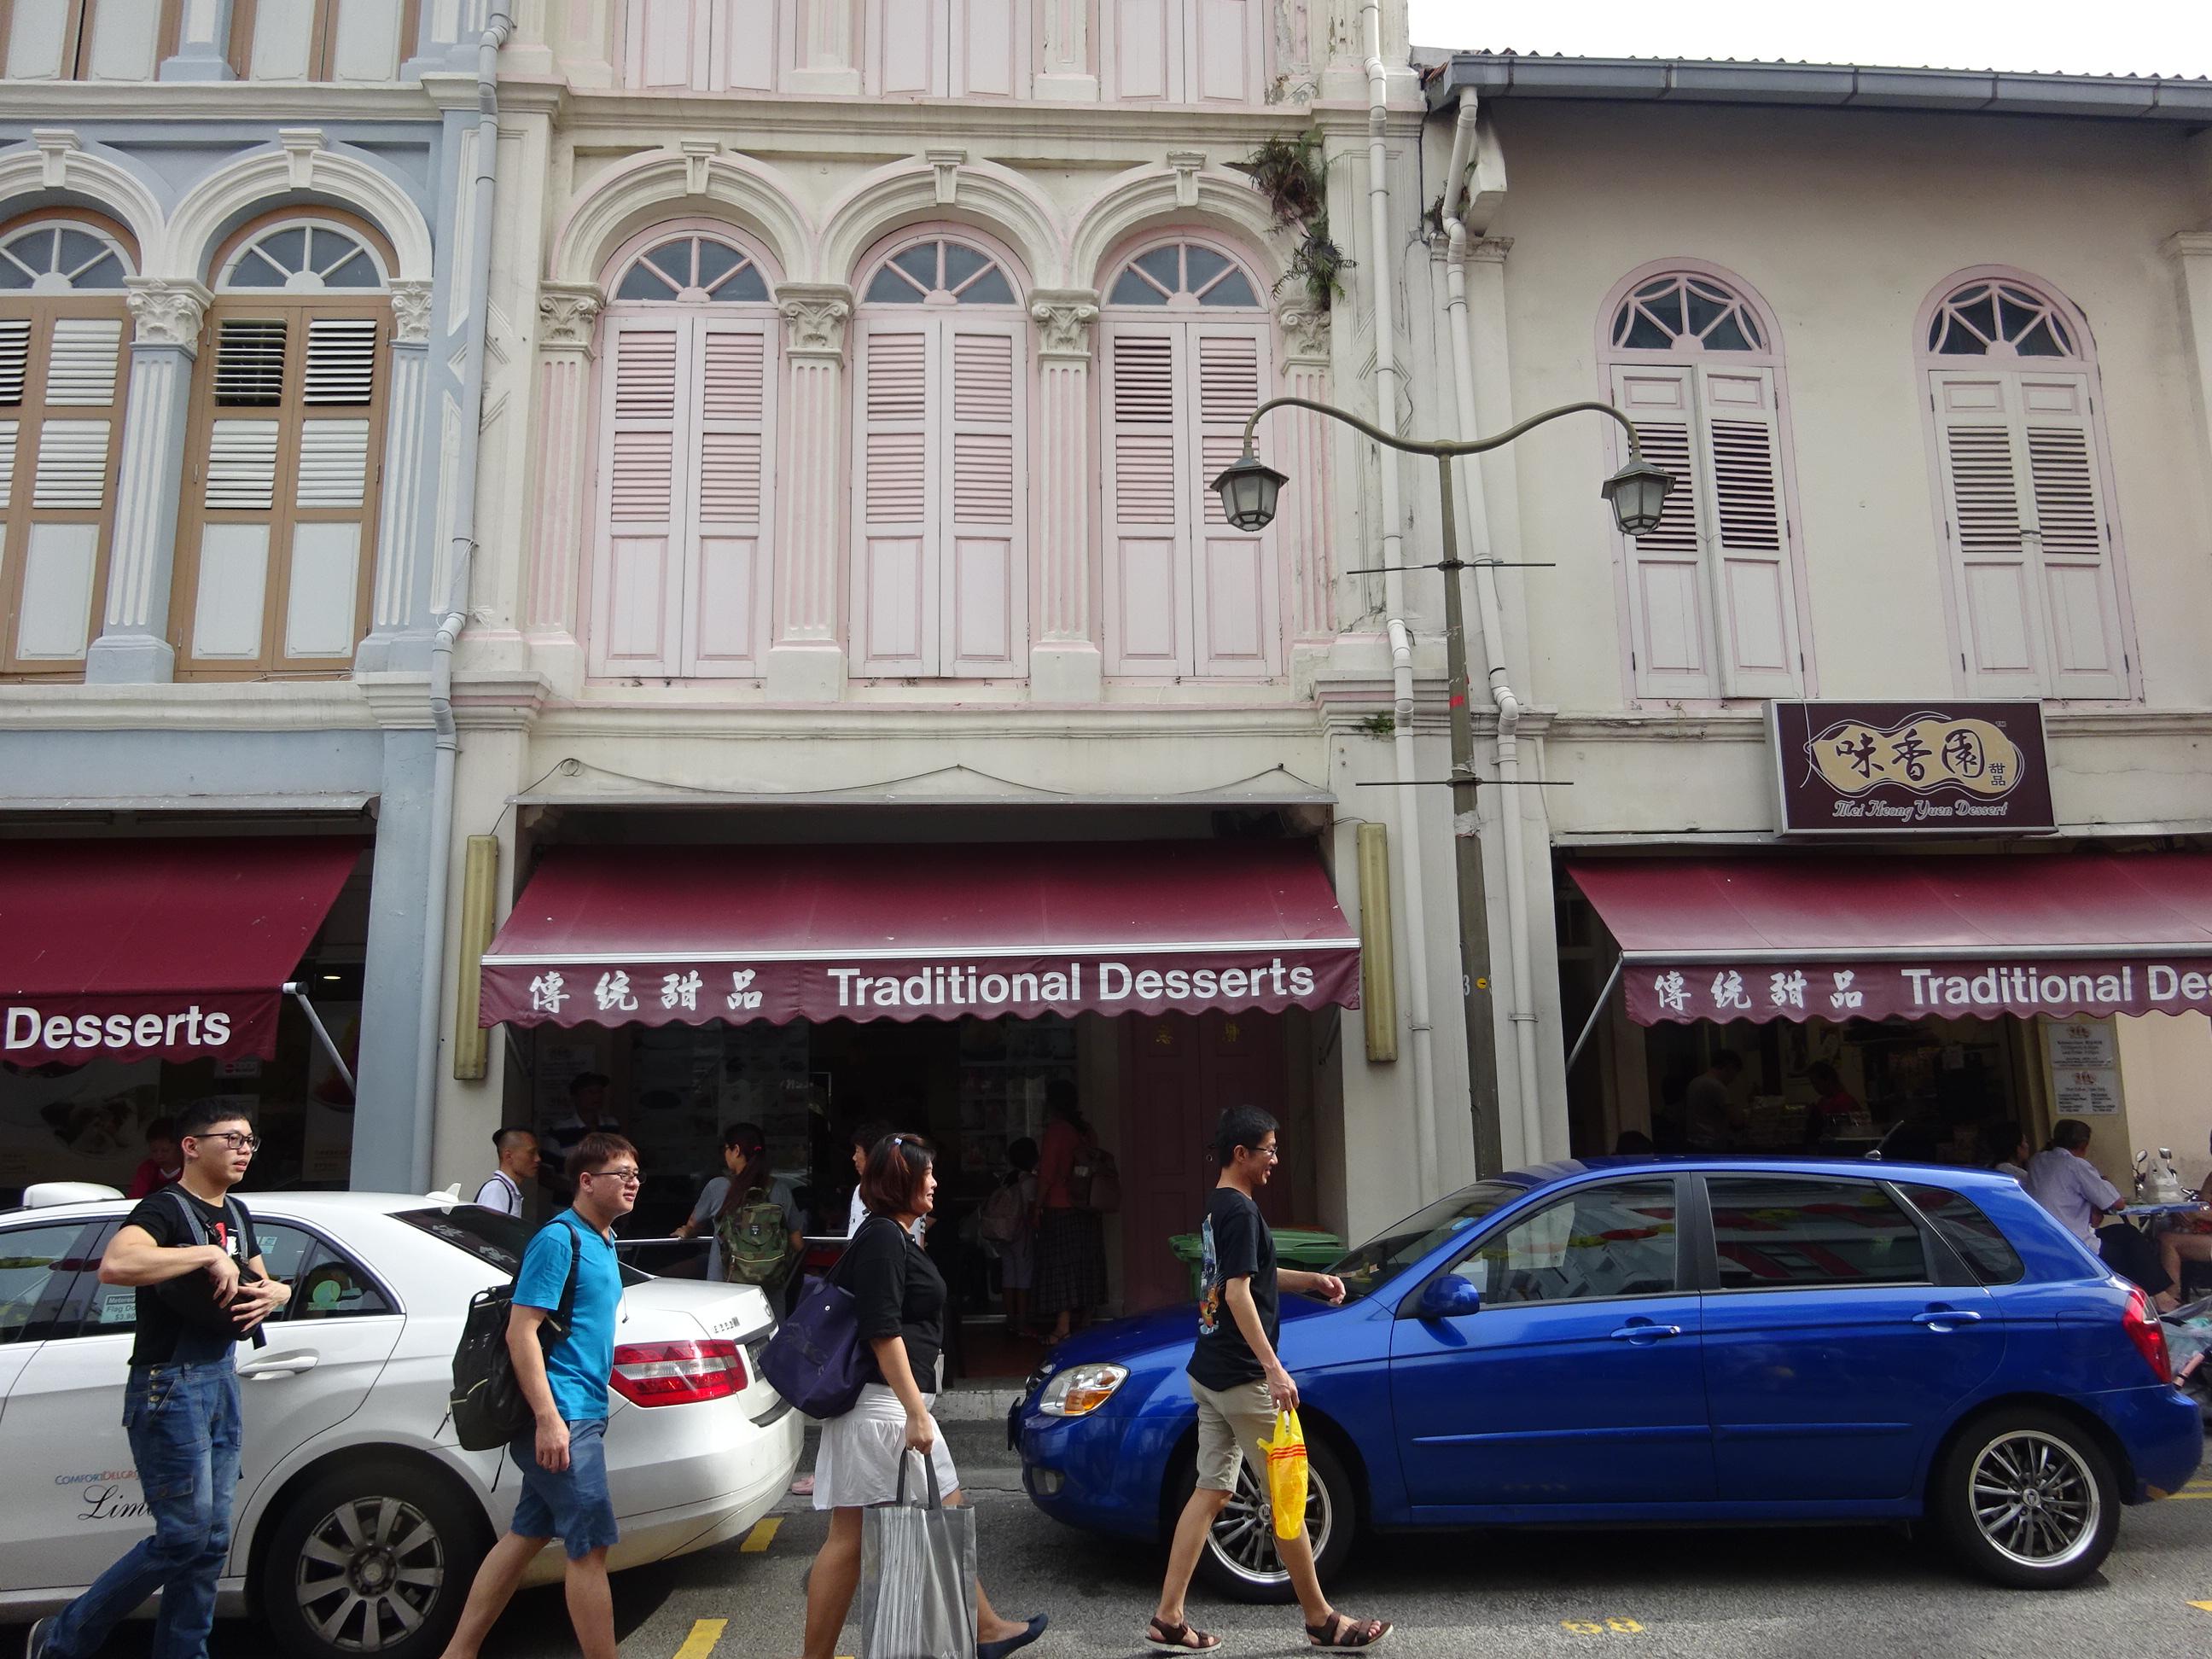 シンガポールの人気スイーツ店「味香園甜品(Mei Heong Yuen Dessert)」のお店の外観